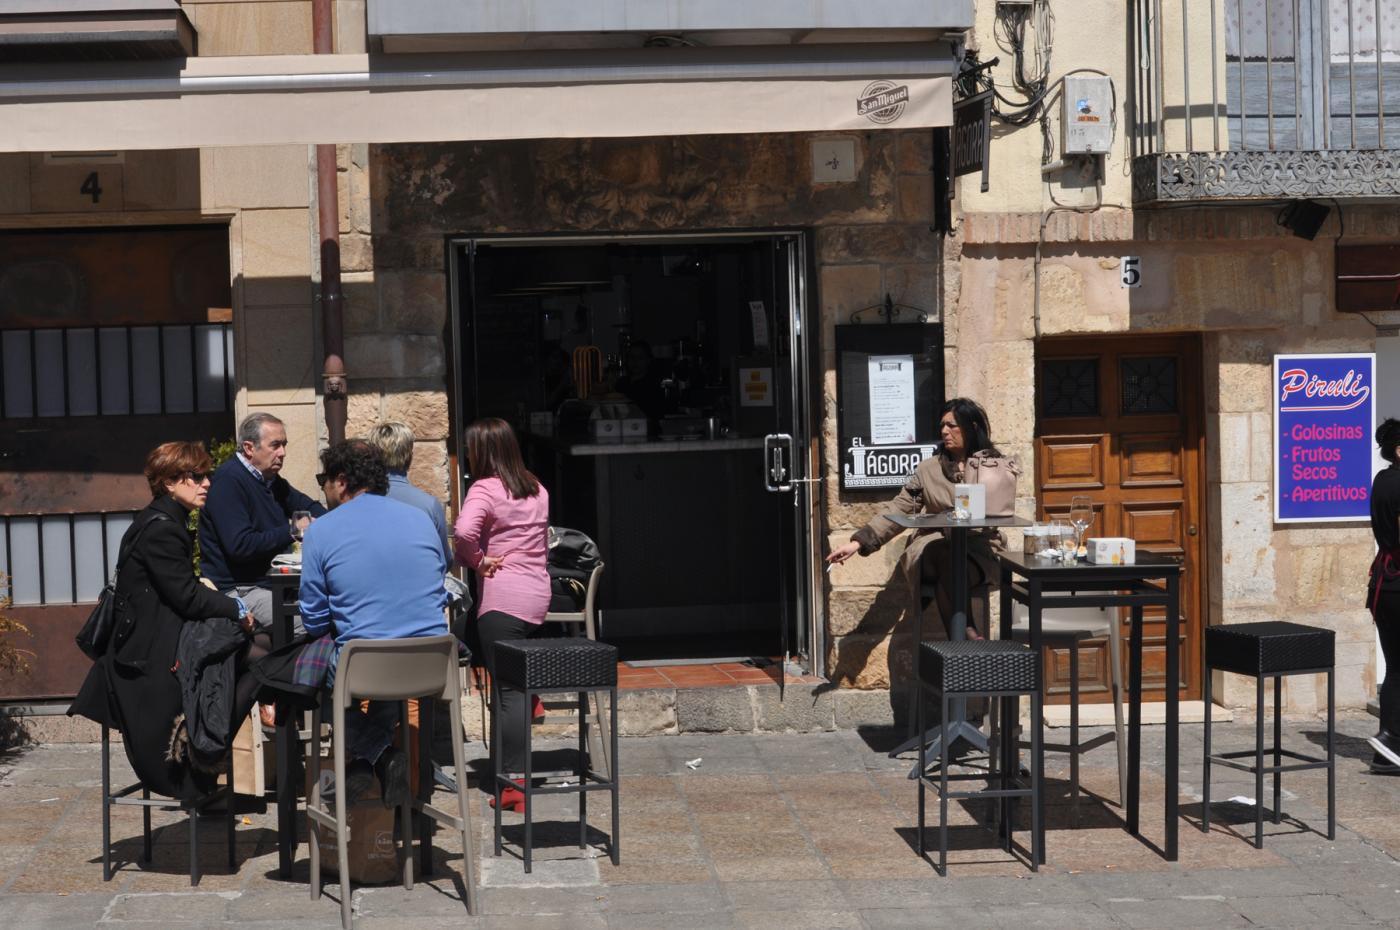 Restaurante El Ágora: Vista exterior Restaurante El Ágora